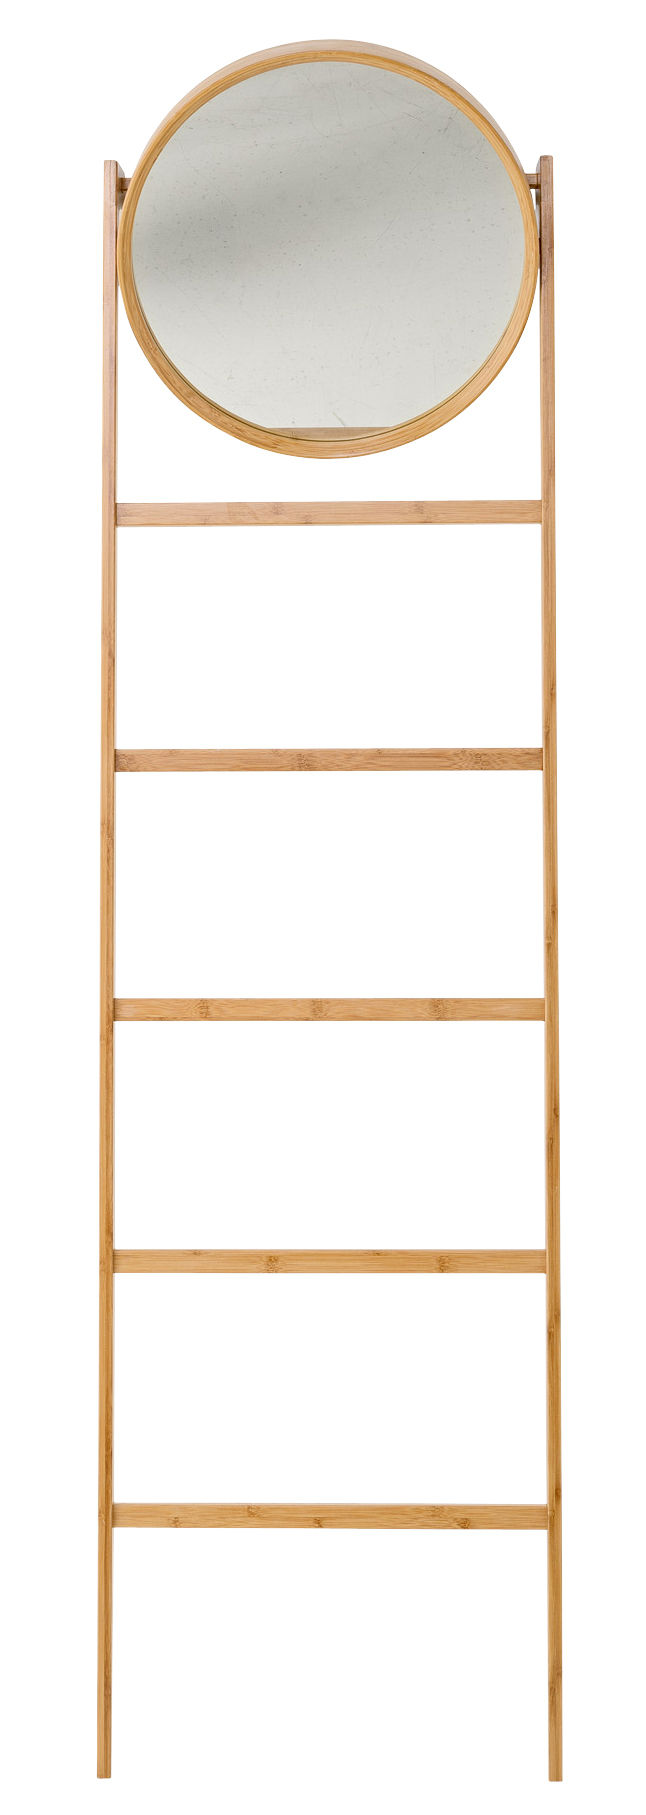 Möbel - Garderoben und Kleiderhaken - Bamboo Standspiegel / Handtuchständer - H 170 cm - Bloomingville - Bambus, natur - Bambusholz